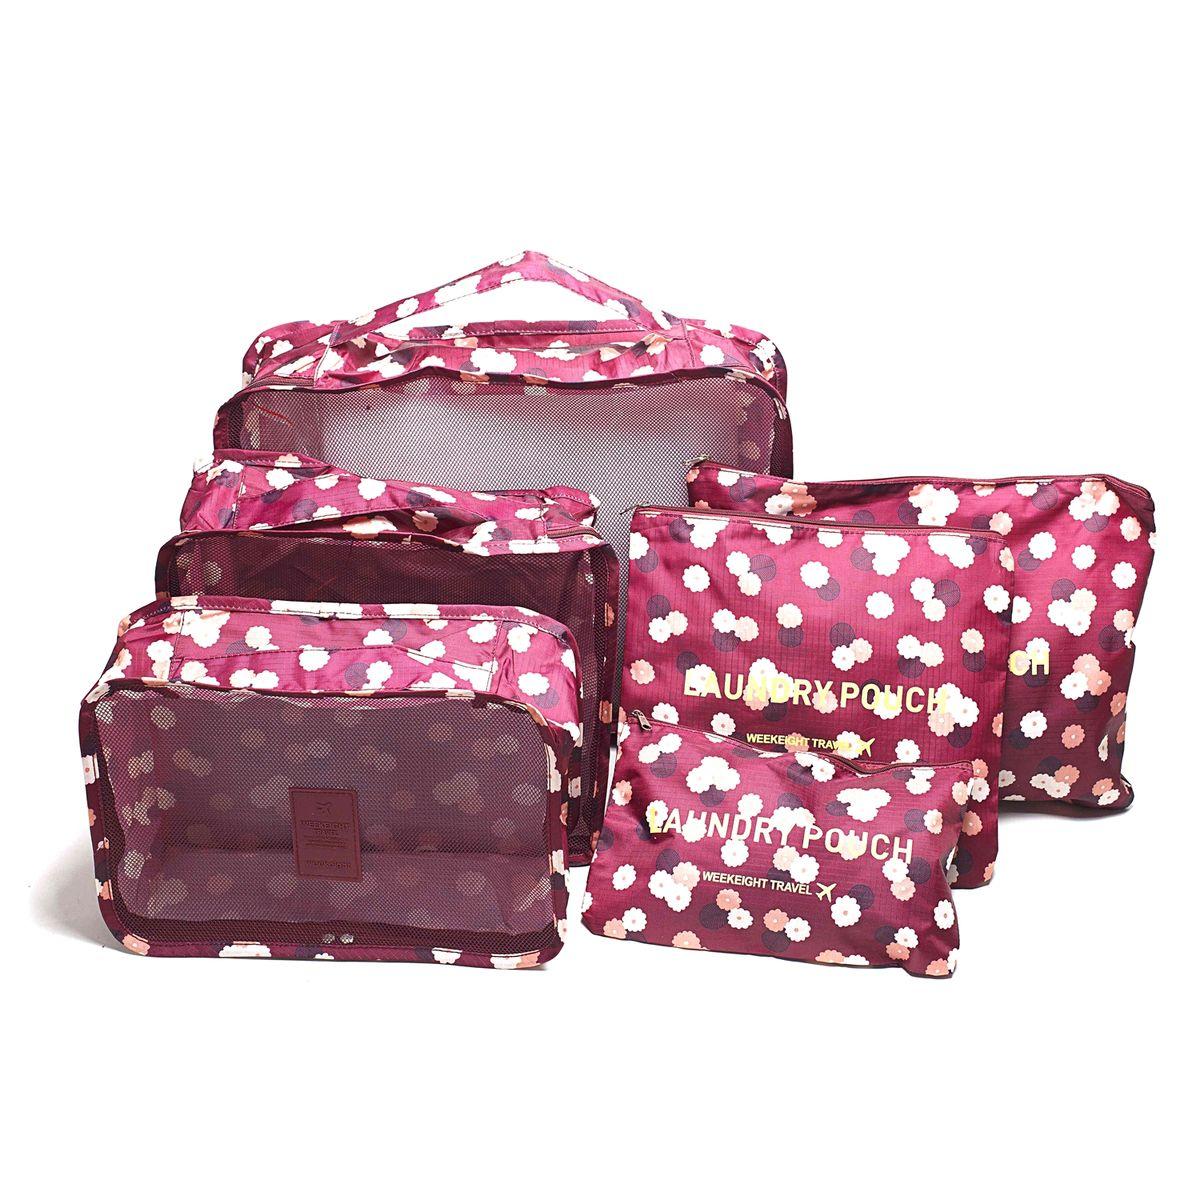 Набор органайзеров для багажа Homsu Цветок, цвет: бордовый, розовый, белый, 6 предметовPR-2WНабор органайзеров для багажа Homsu Цветок выполнен из полиэстера и оснащен молниями. В комплекте собраны органайзеры для бюстгальтеров, нижнего белья, носков, одежды, косметики. Вы сможете распределить все вещи, которые возьмете с собой таким образом, чтобы всегда иметь быстрый доступ к ним. Органайзеры надежно защитят от пыли, грязи, влажности или механических повреждений. Размеры органайзеров: 40 x 30 x 12 см; 30 x 28 x 13 см; 30 x 21 x 13 см; 35 x 27 см; 27 x 25 см; 26 x 16 см.